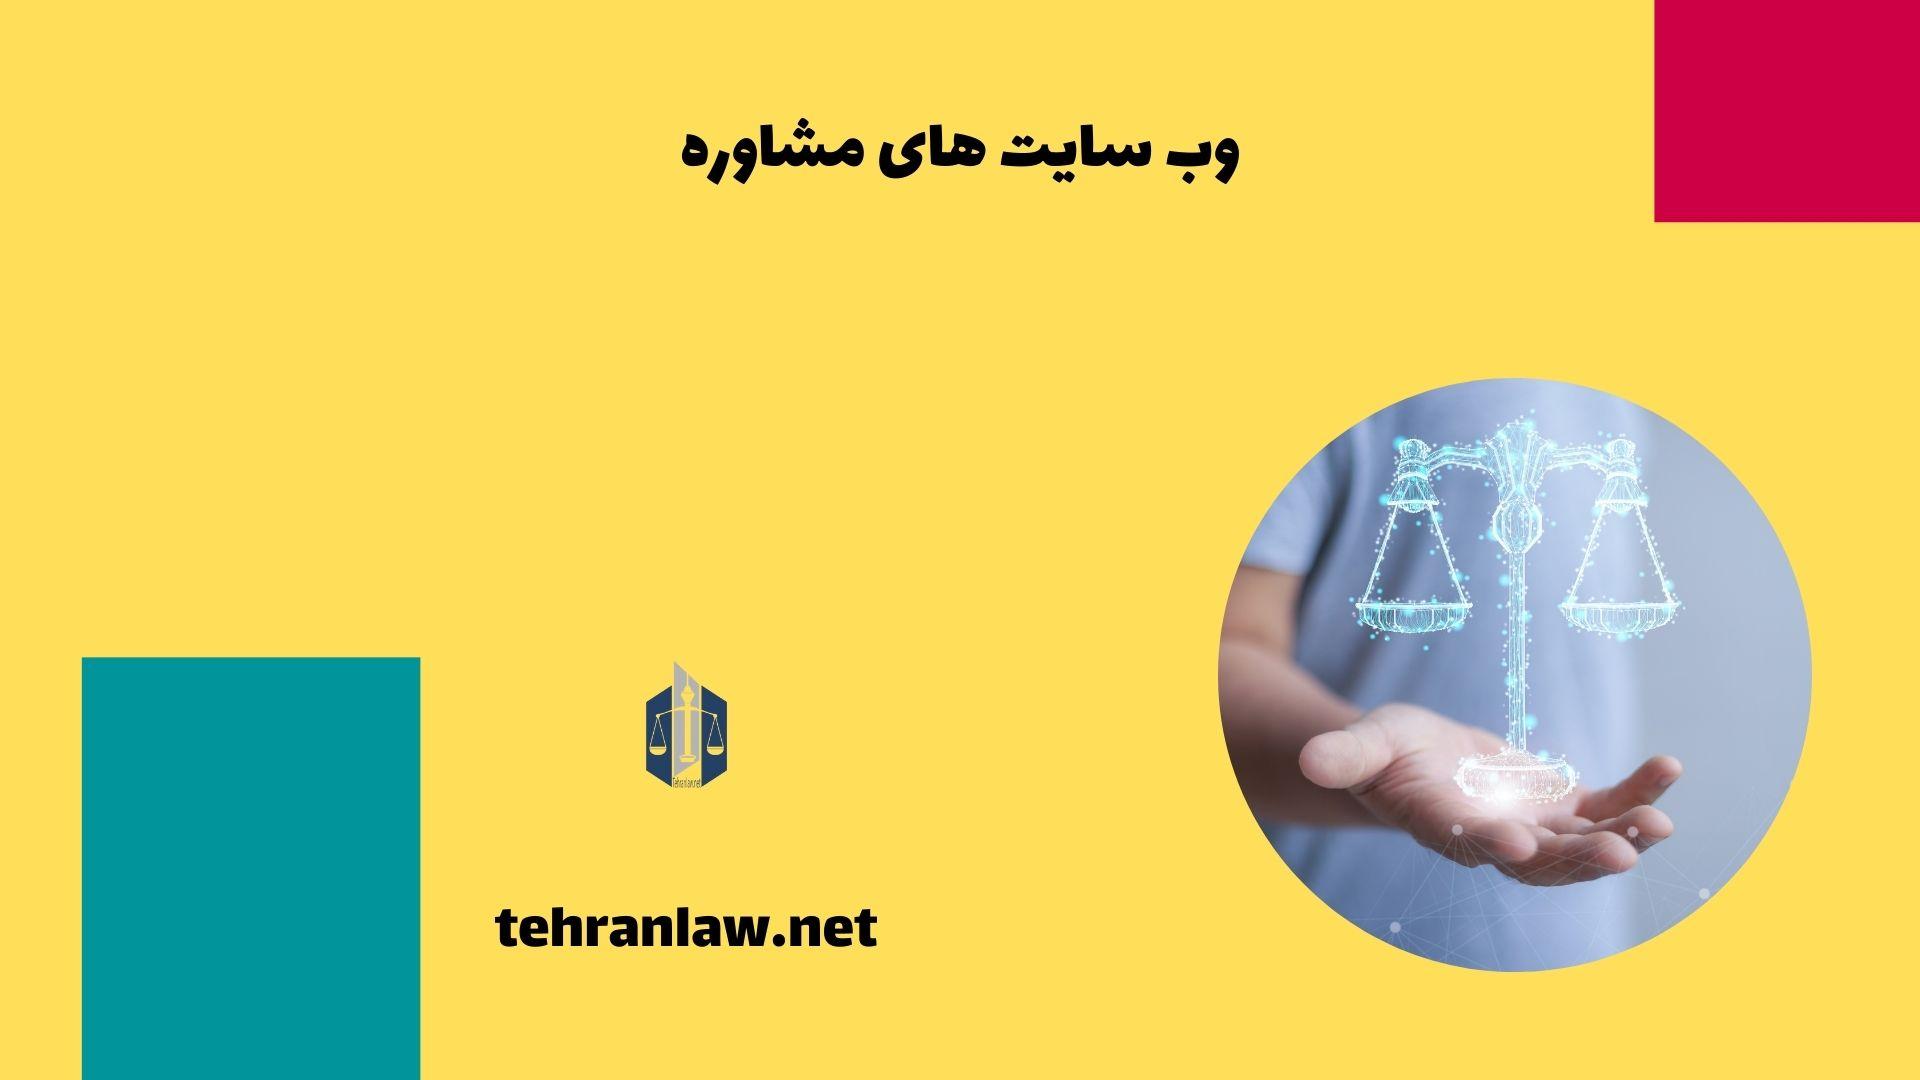 وب سایت های مشاوره